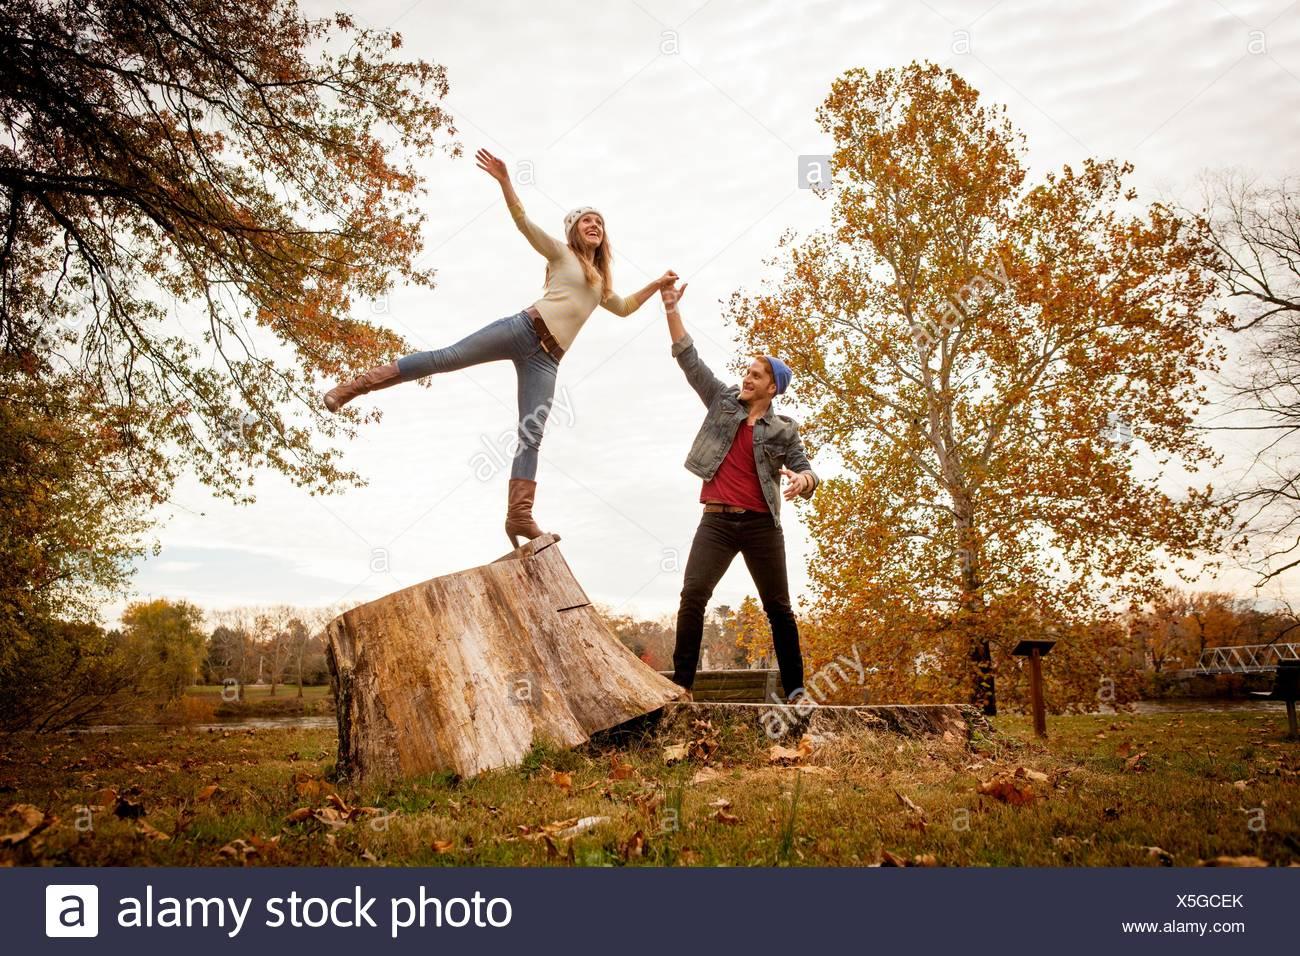 Junges Paar spielen auf Baum stump im Herbst park Stockbild